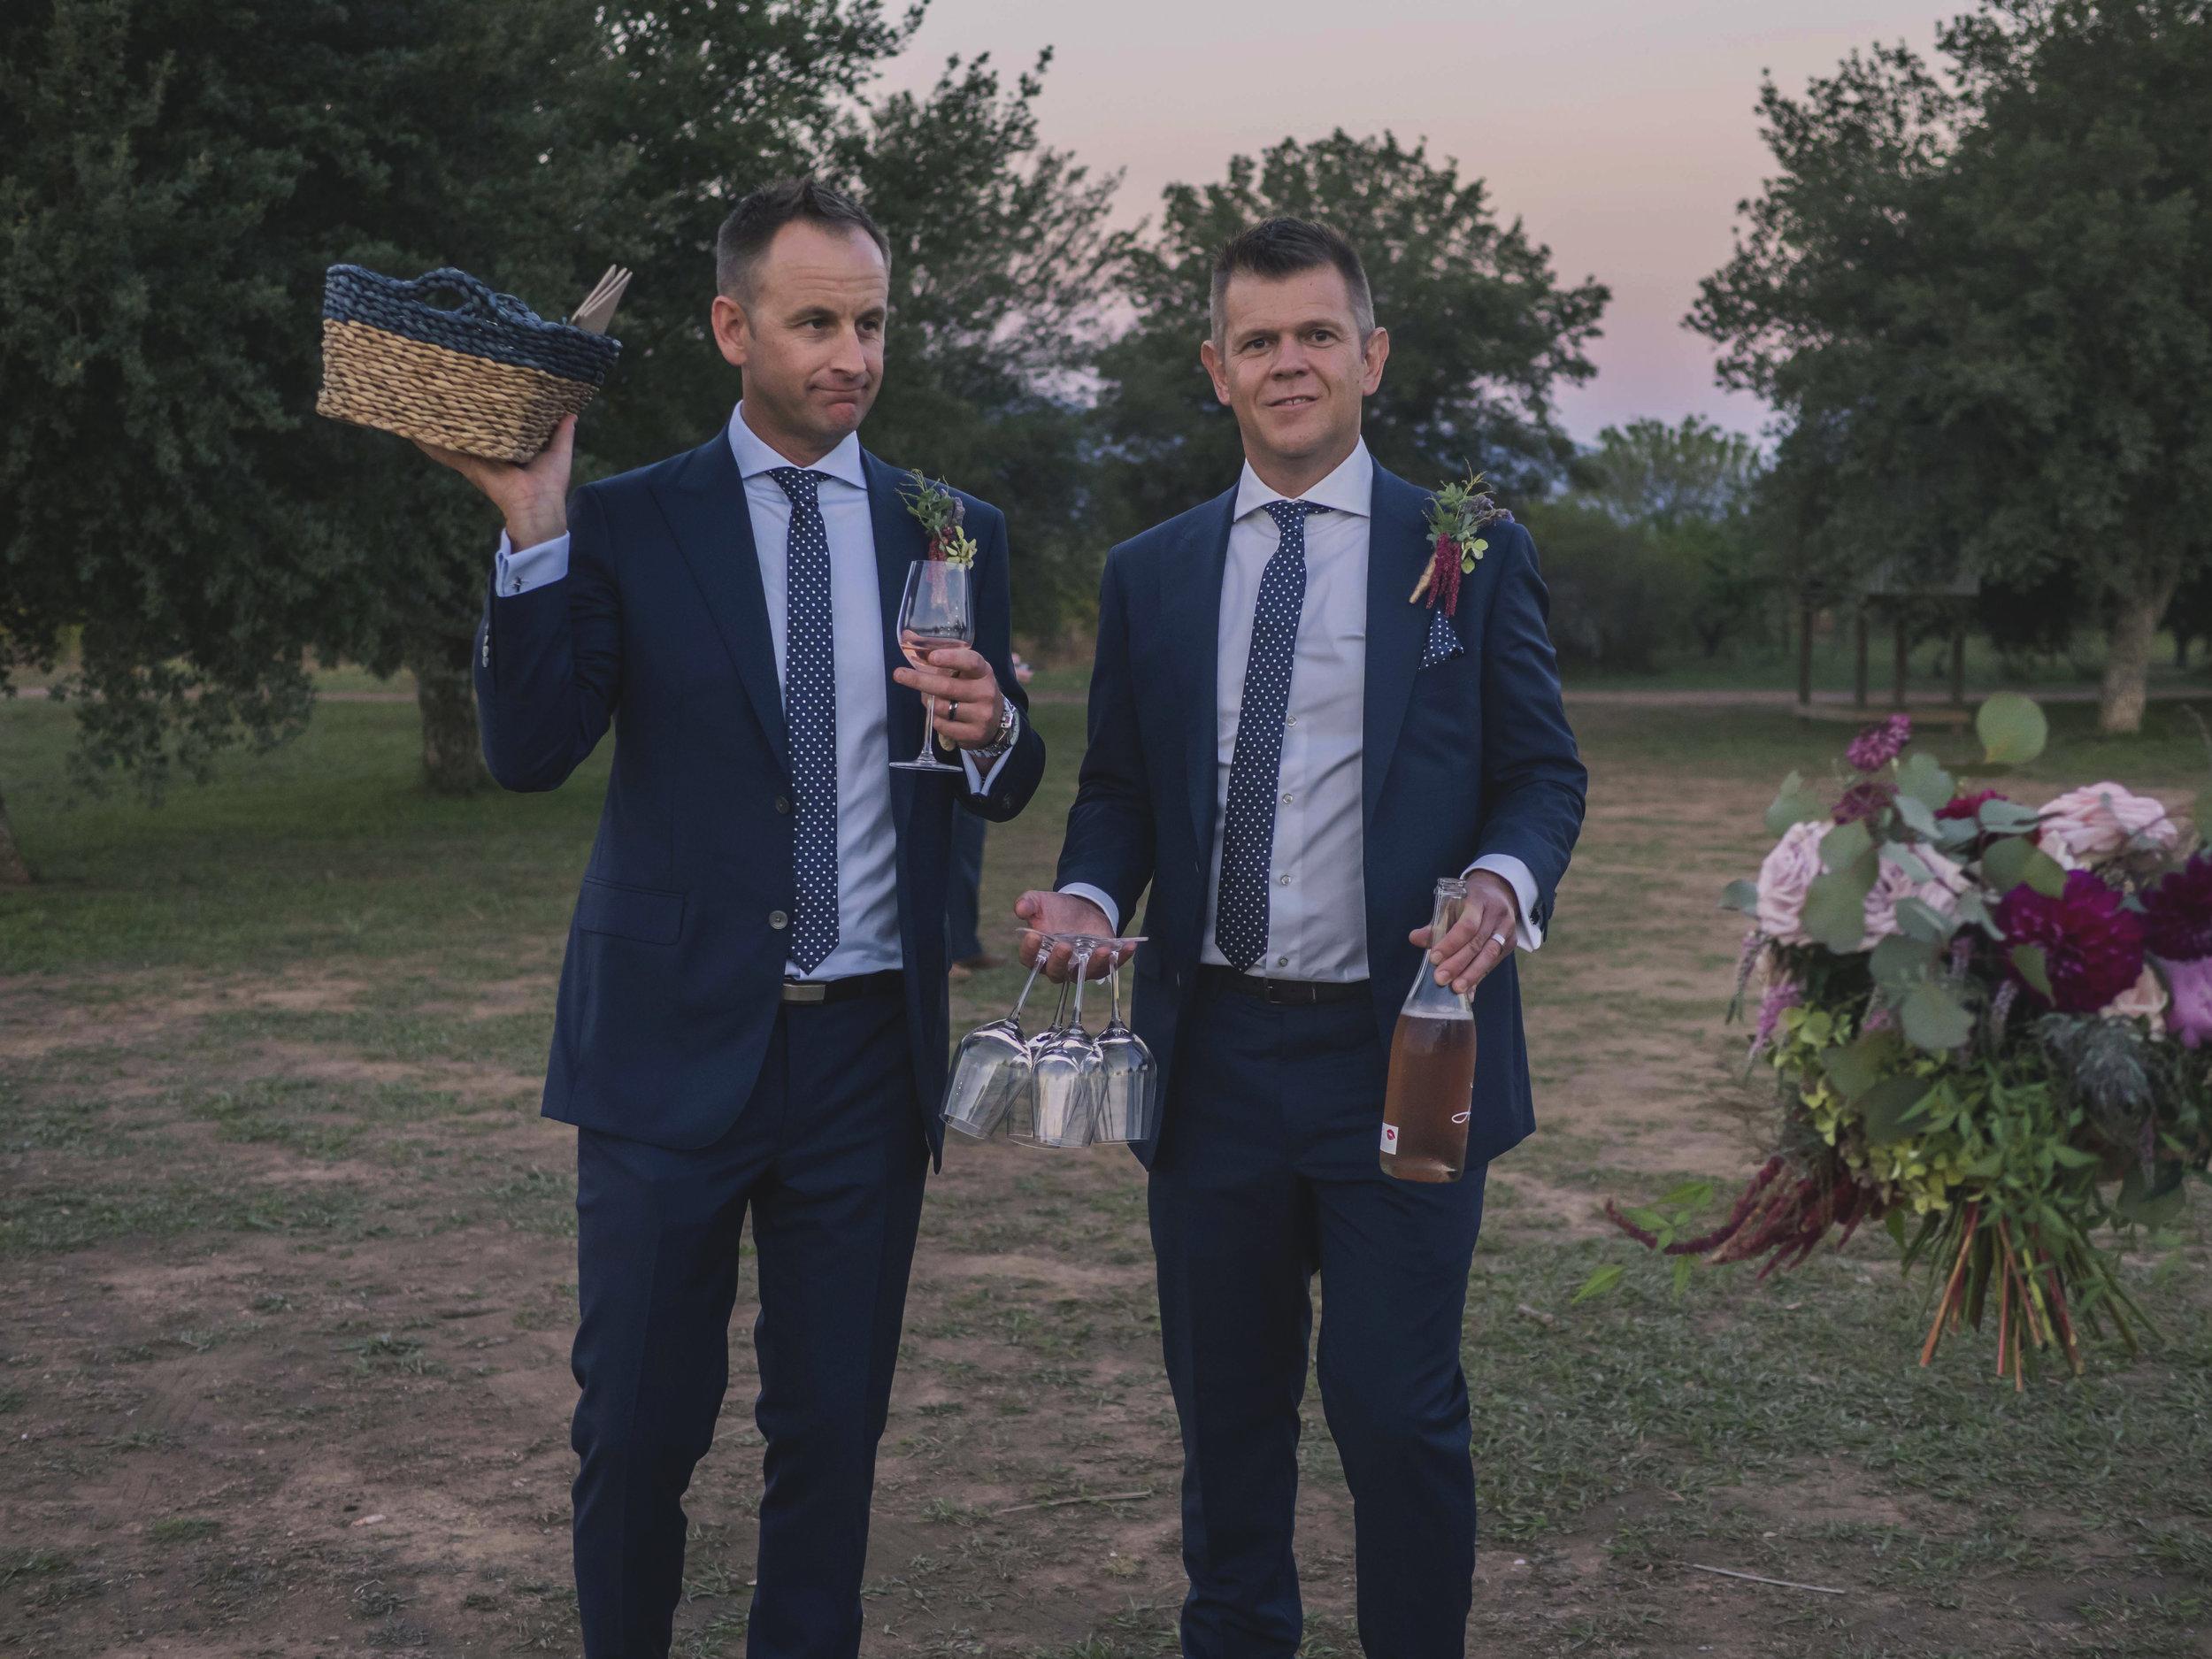 wedding689.jpg